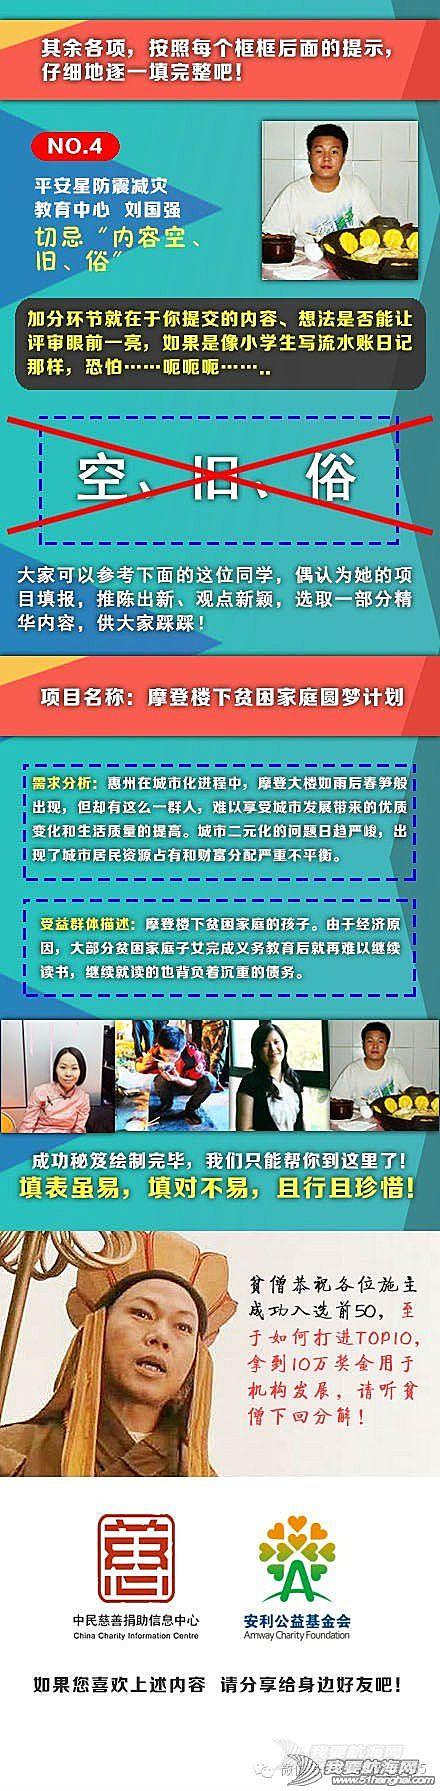 腾讯微博,新浪,人才培养,中国,报名 「嘎嘎推荐」:中国公益慈善人才培养计划第二季之《报名秘籍》重...